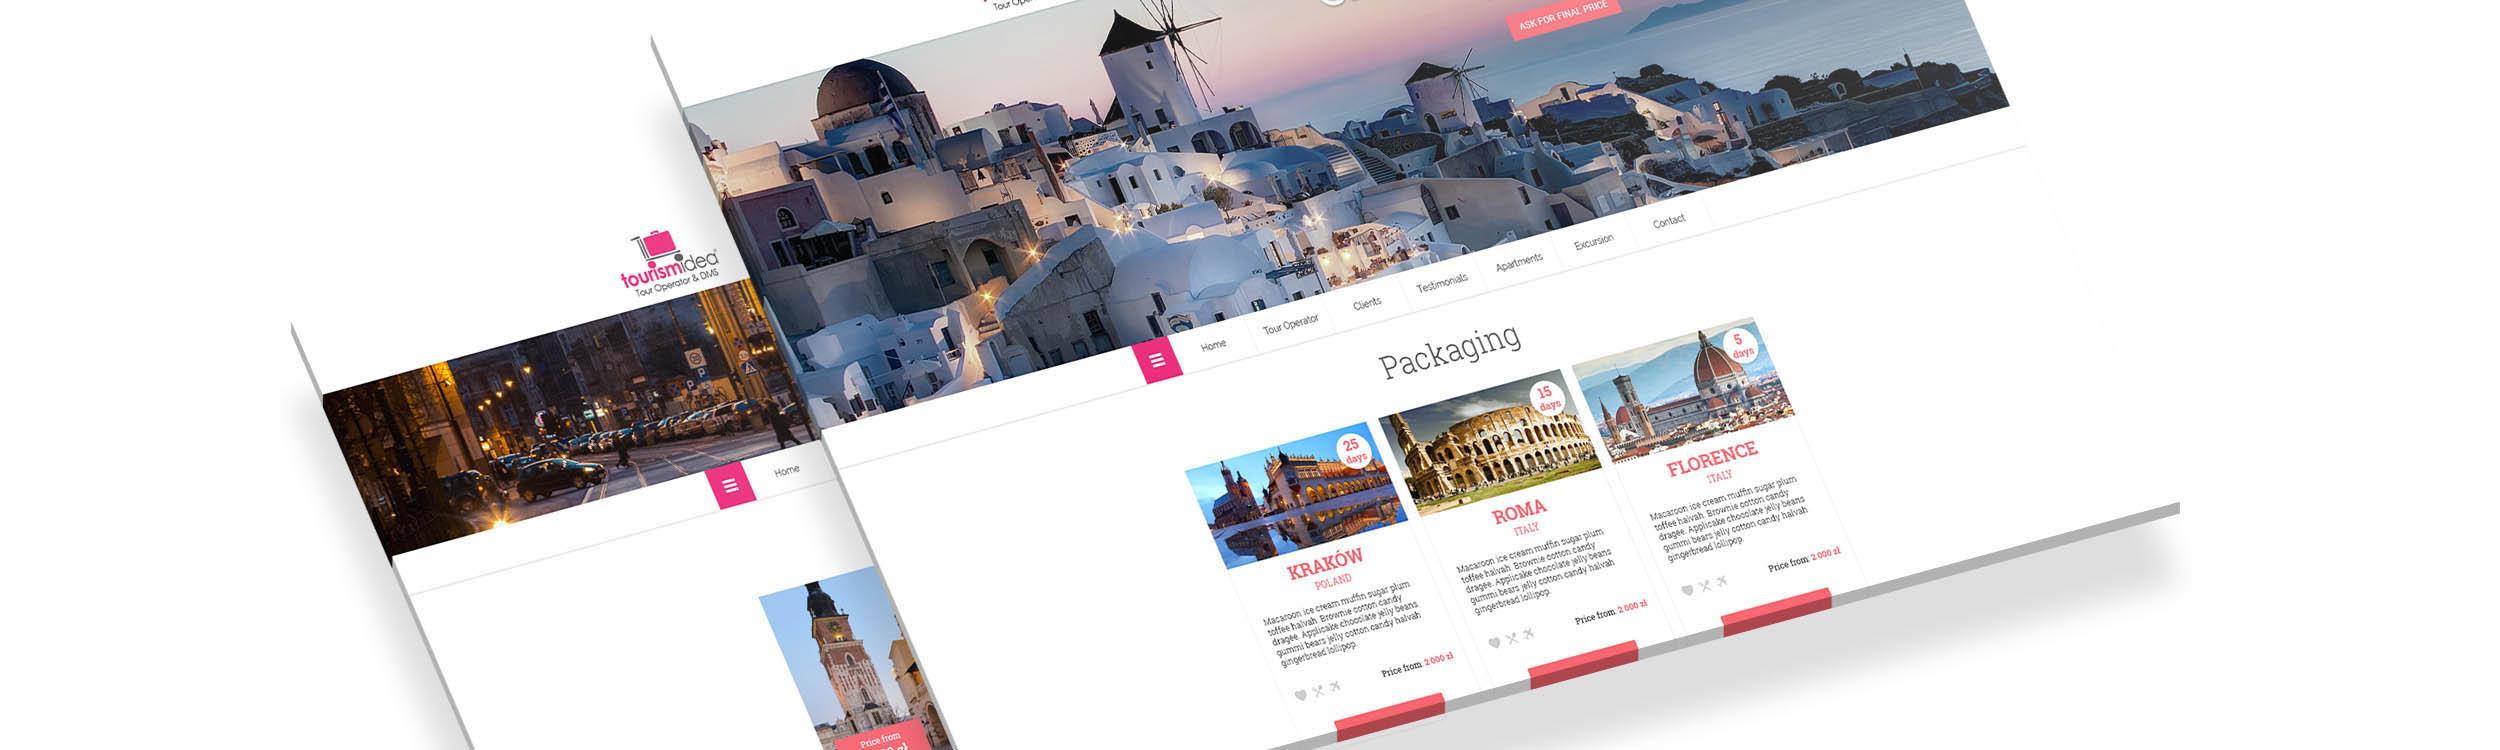 pixels can talk web tourism idea big